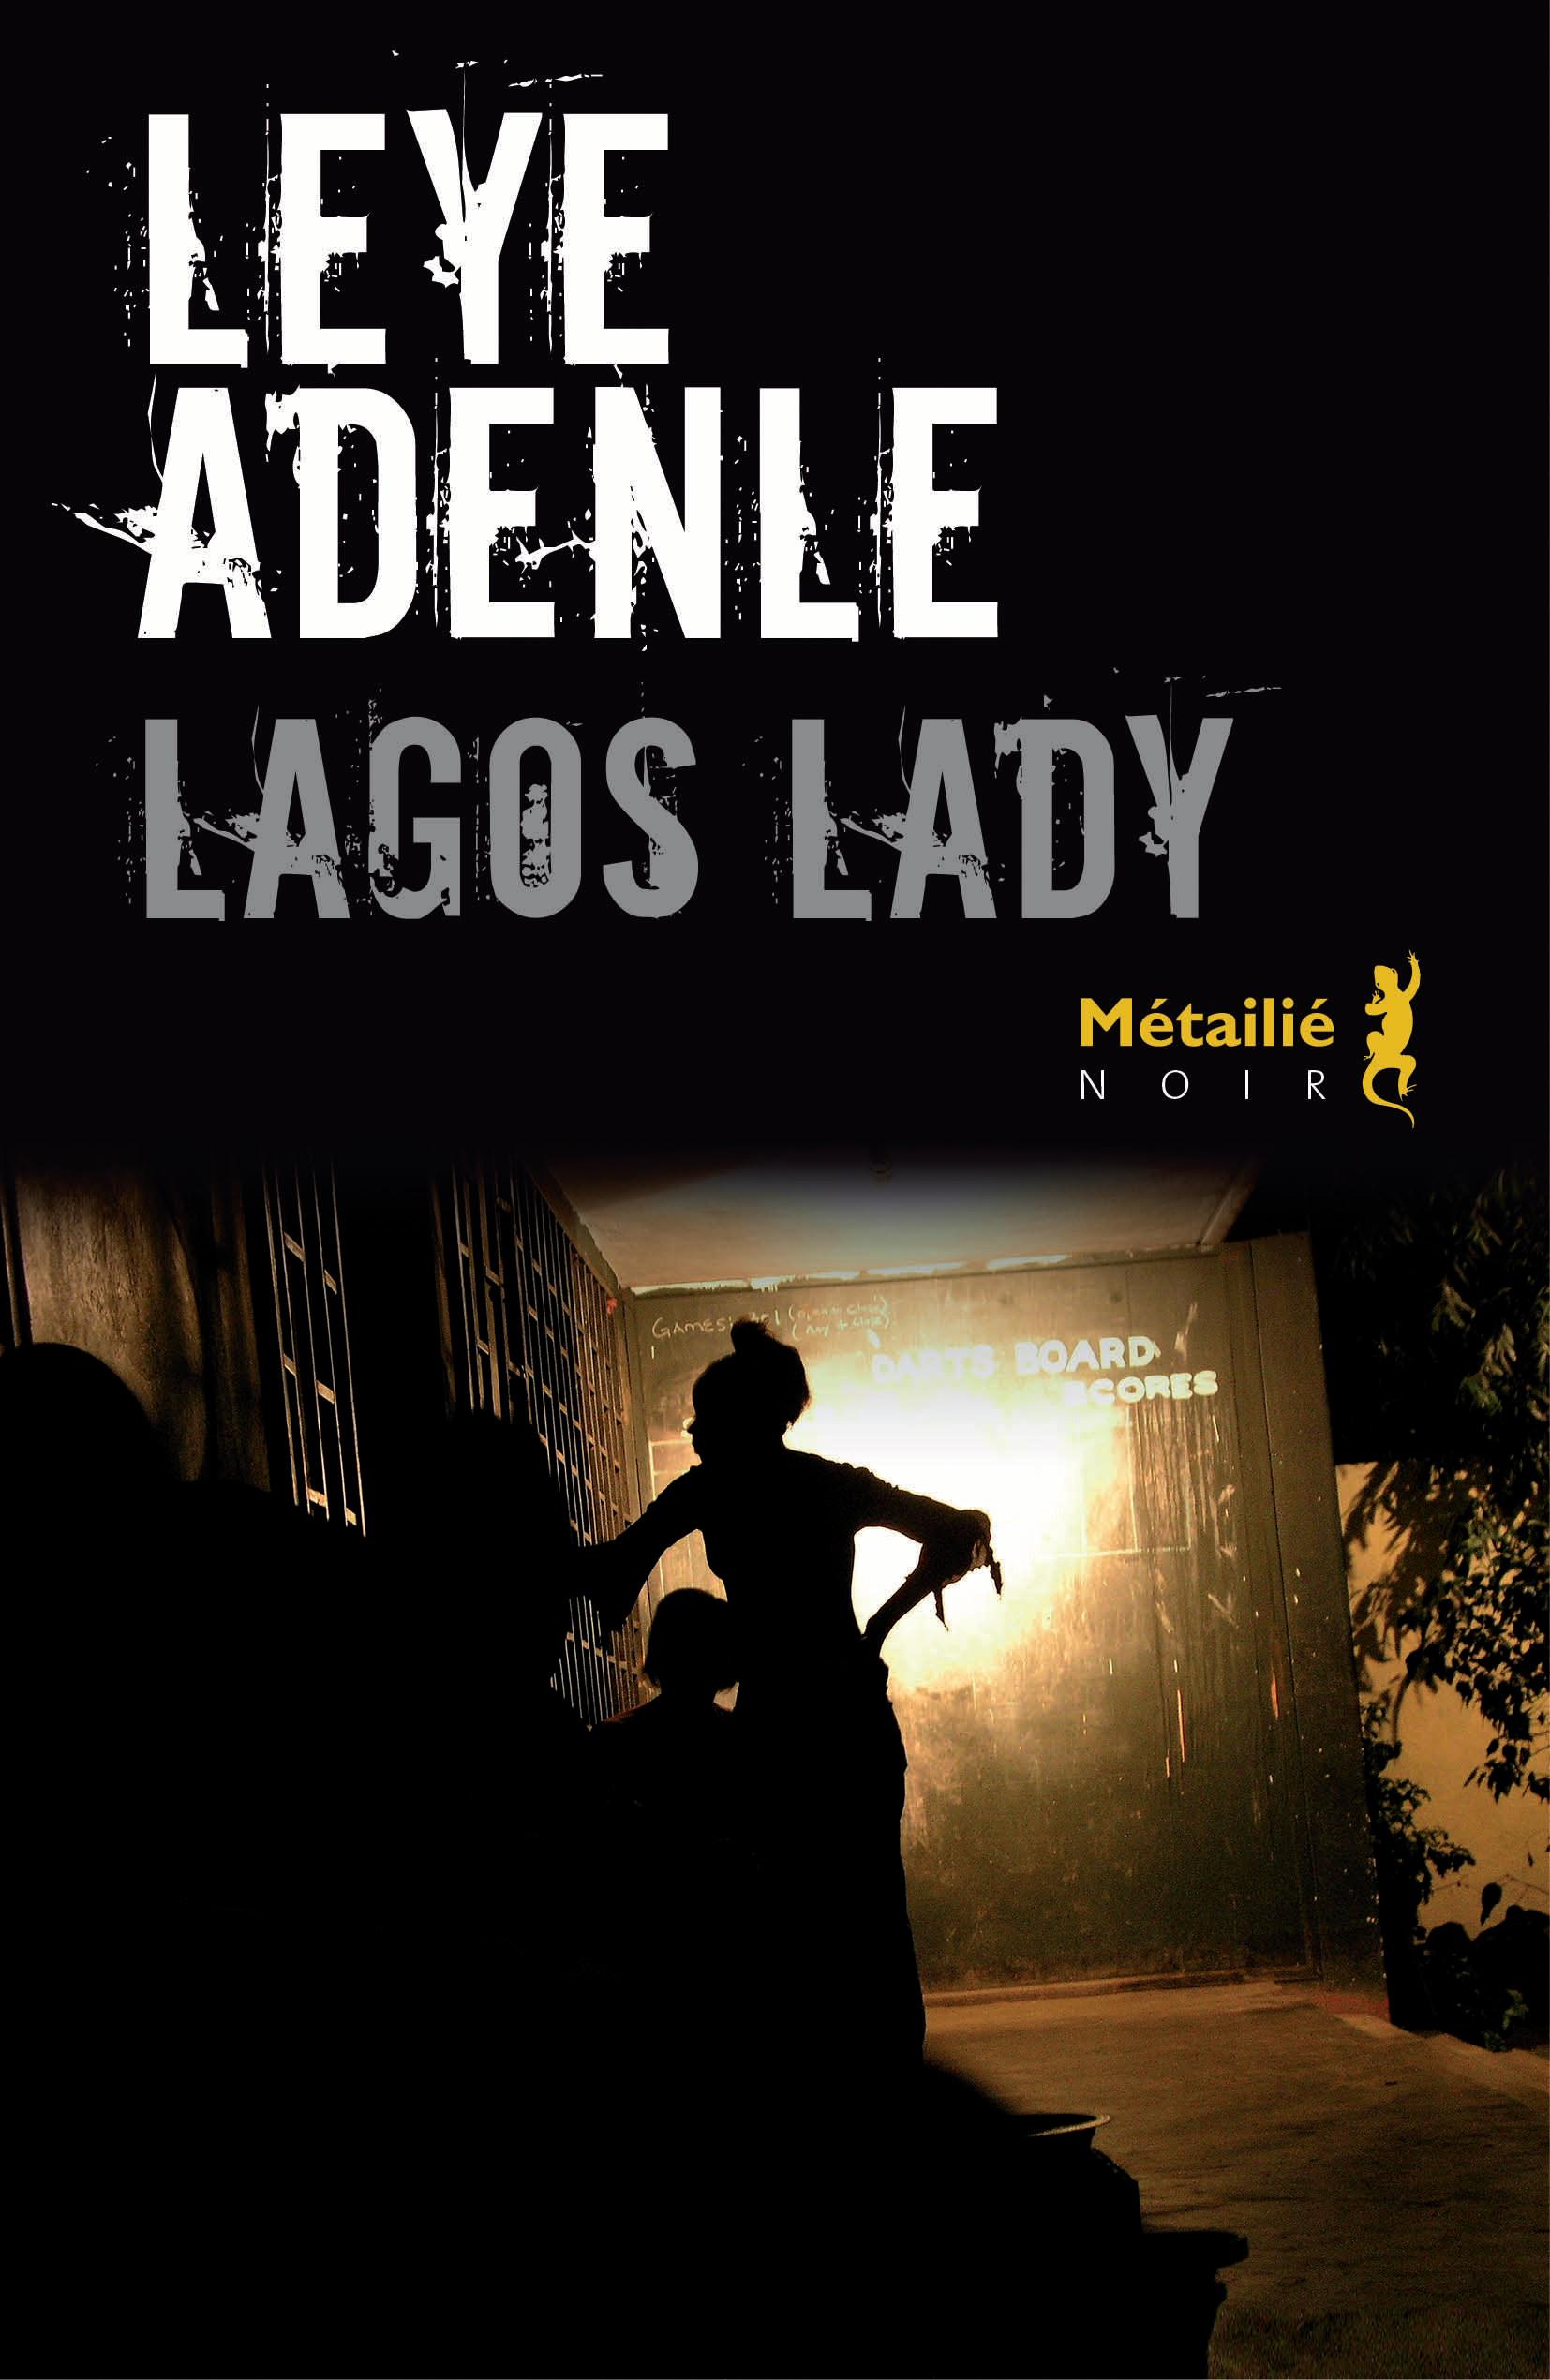 Lagos Lady | Adenle, Leye